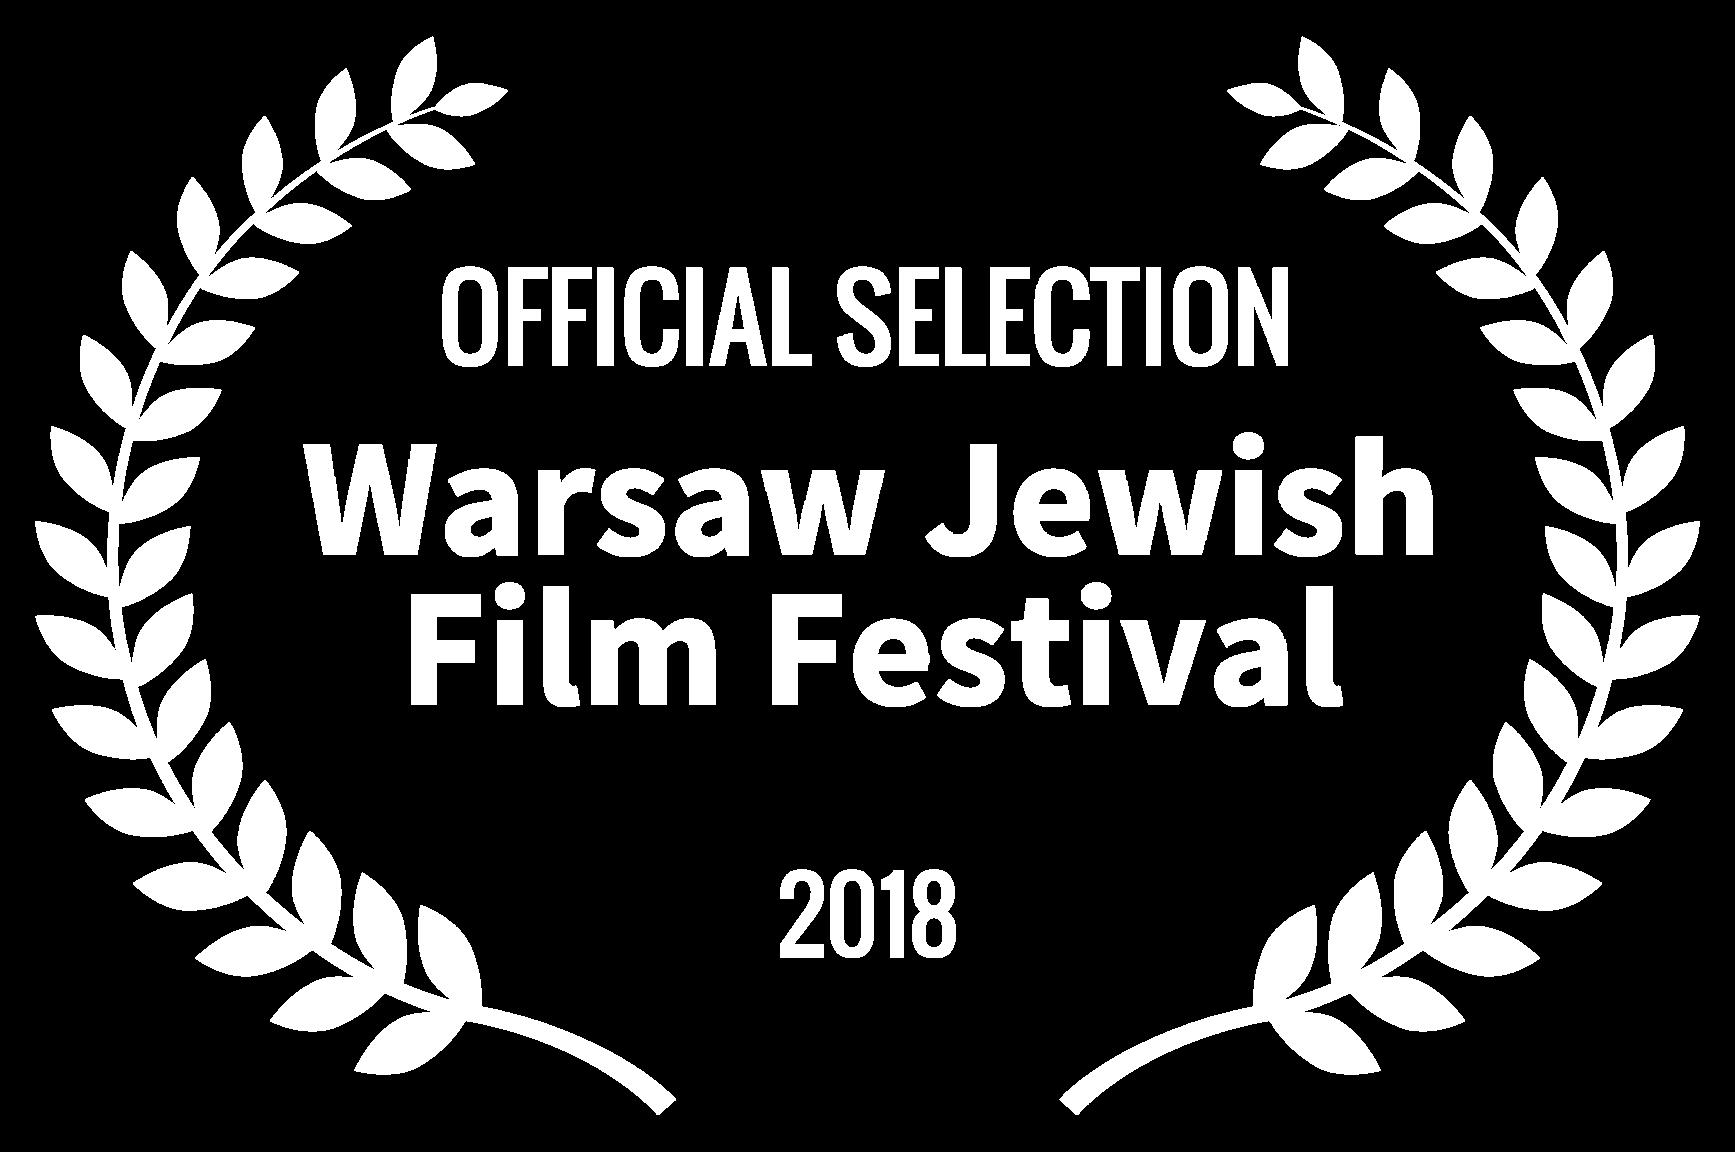 Warsaw Jewish Film Festival - 2018 (1).png